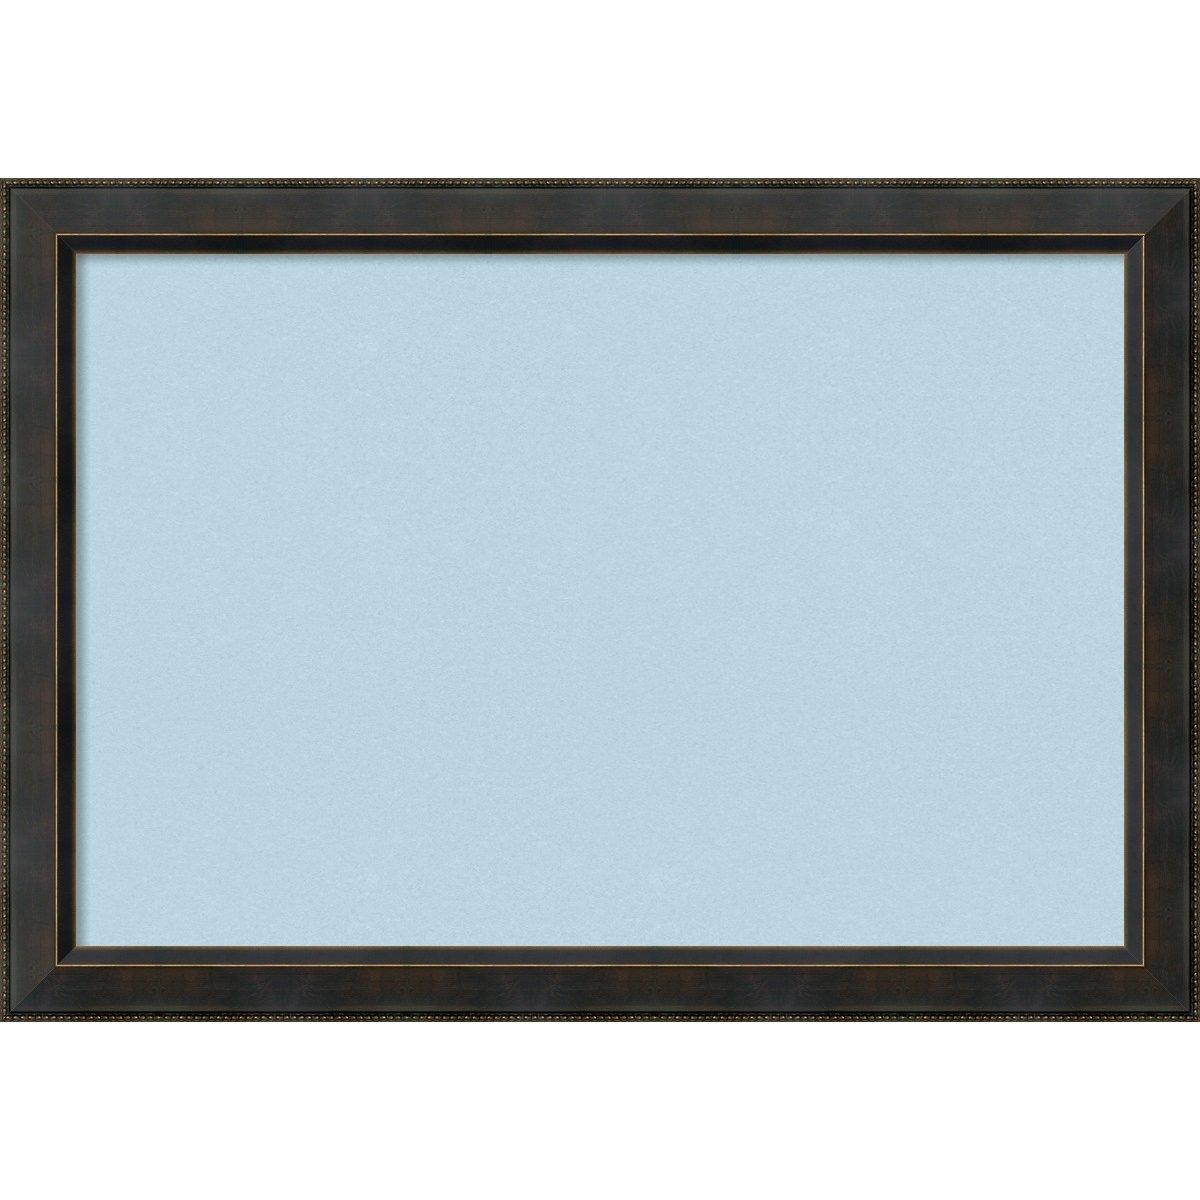 amanti art enmarcado azul tablero de corcho Pequeño, Signore bronce ...